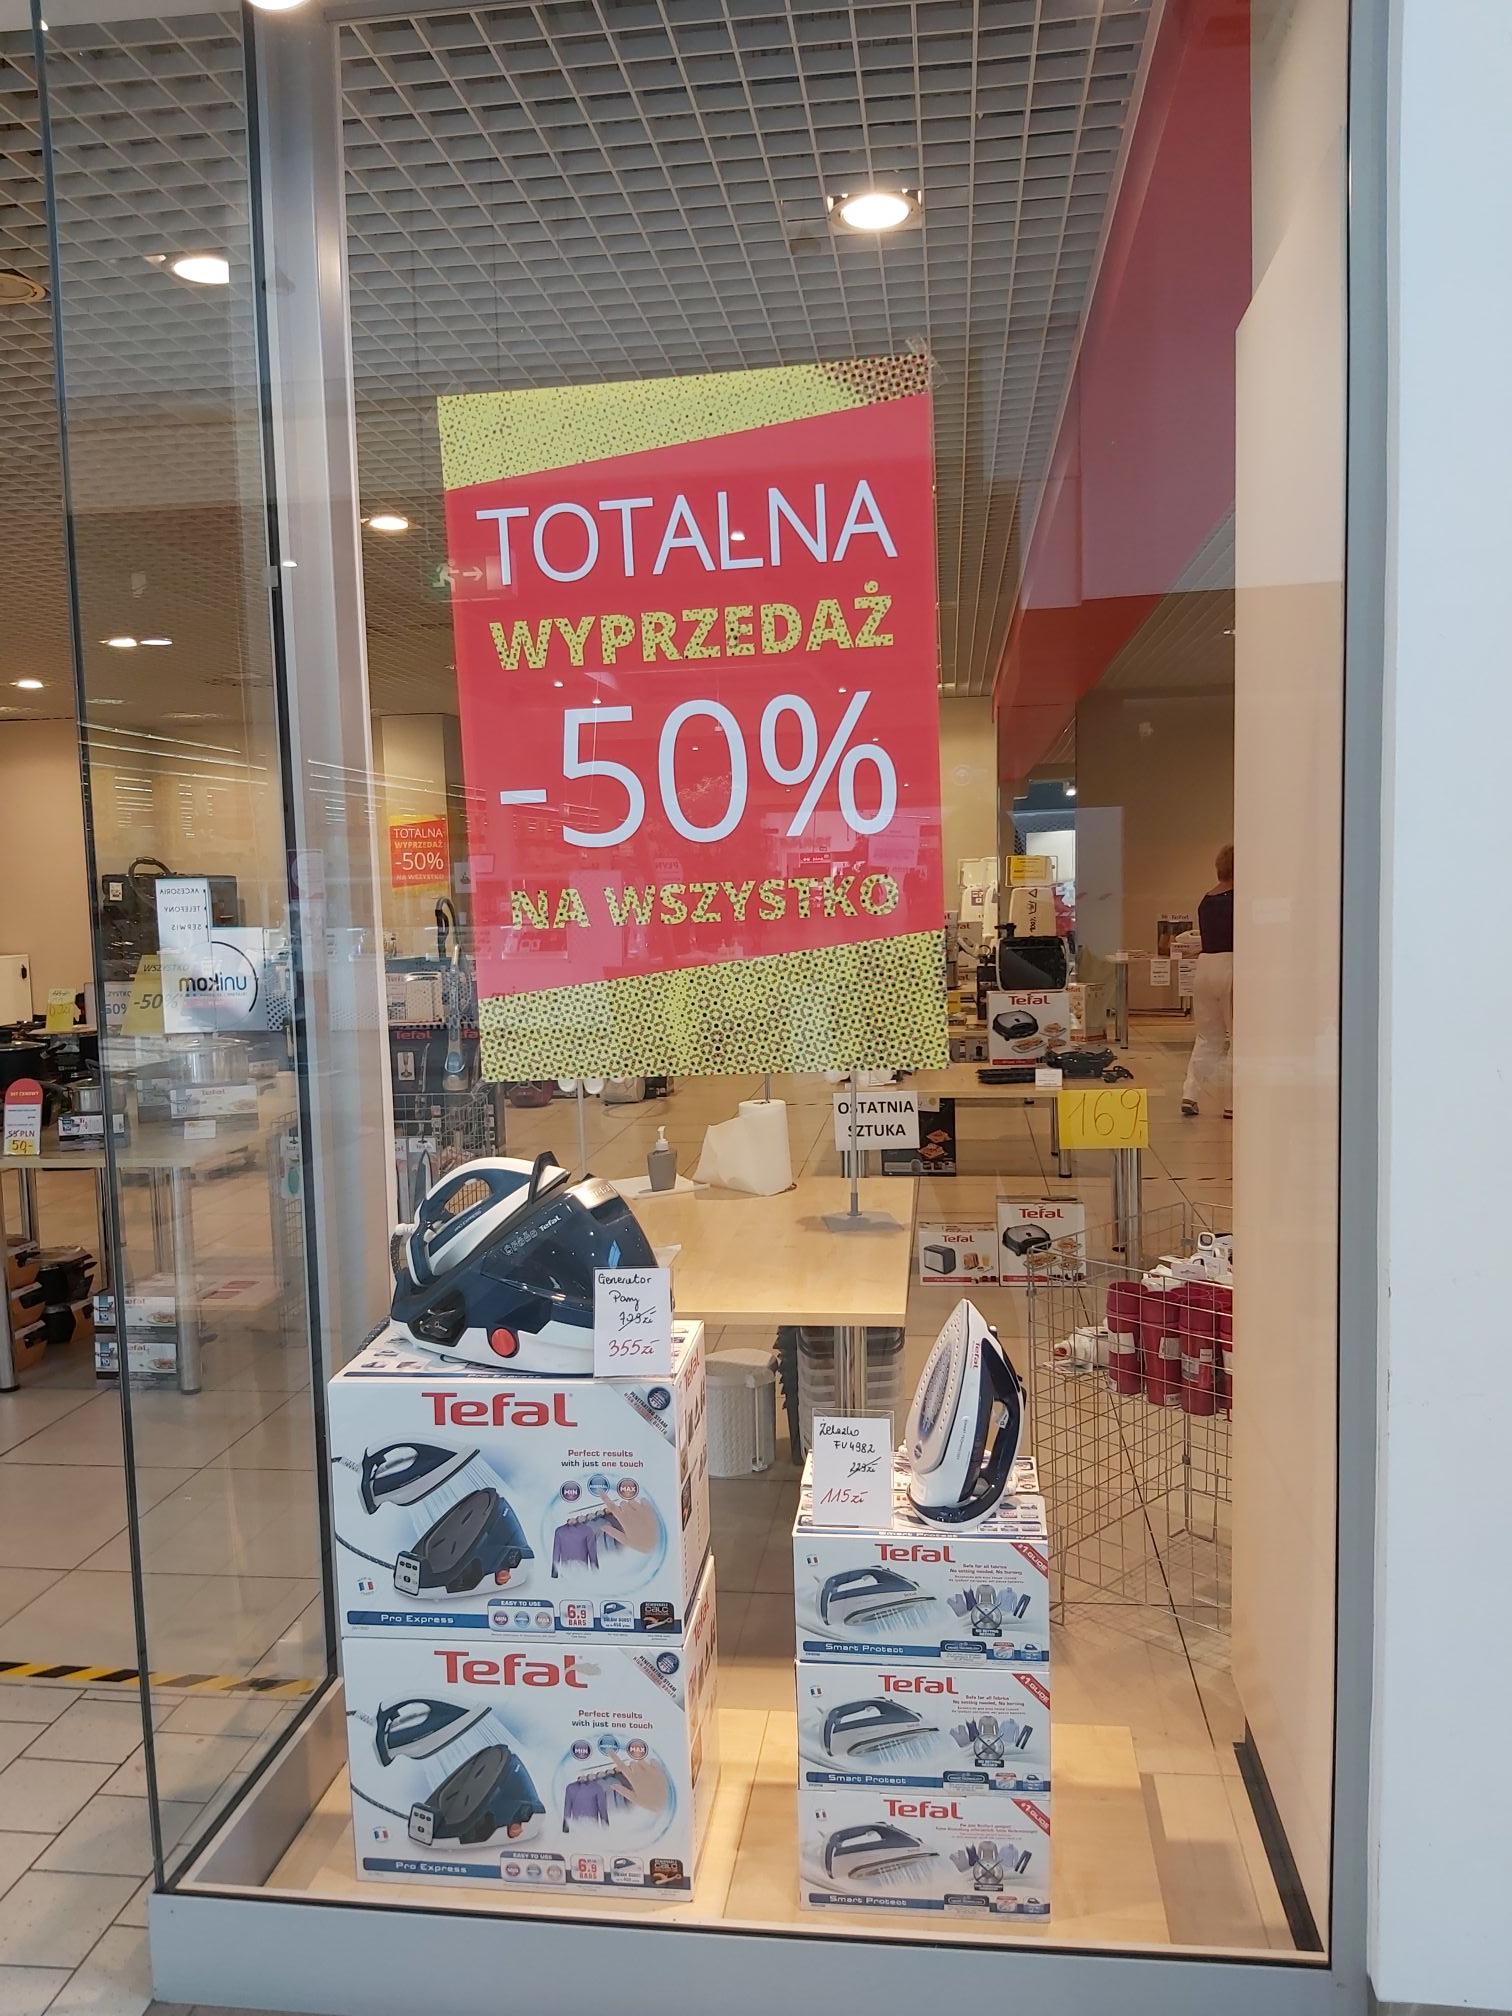 Likwidacja sklepu Tefal w Rybniku, -50% na wszystko